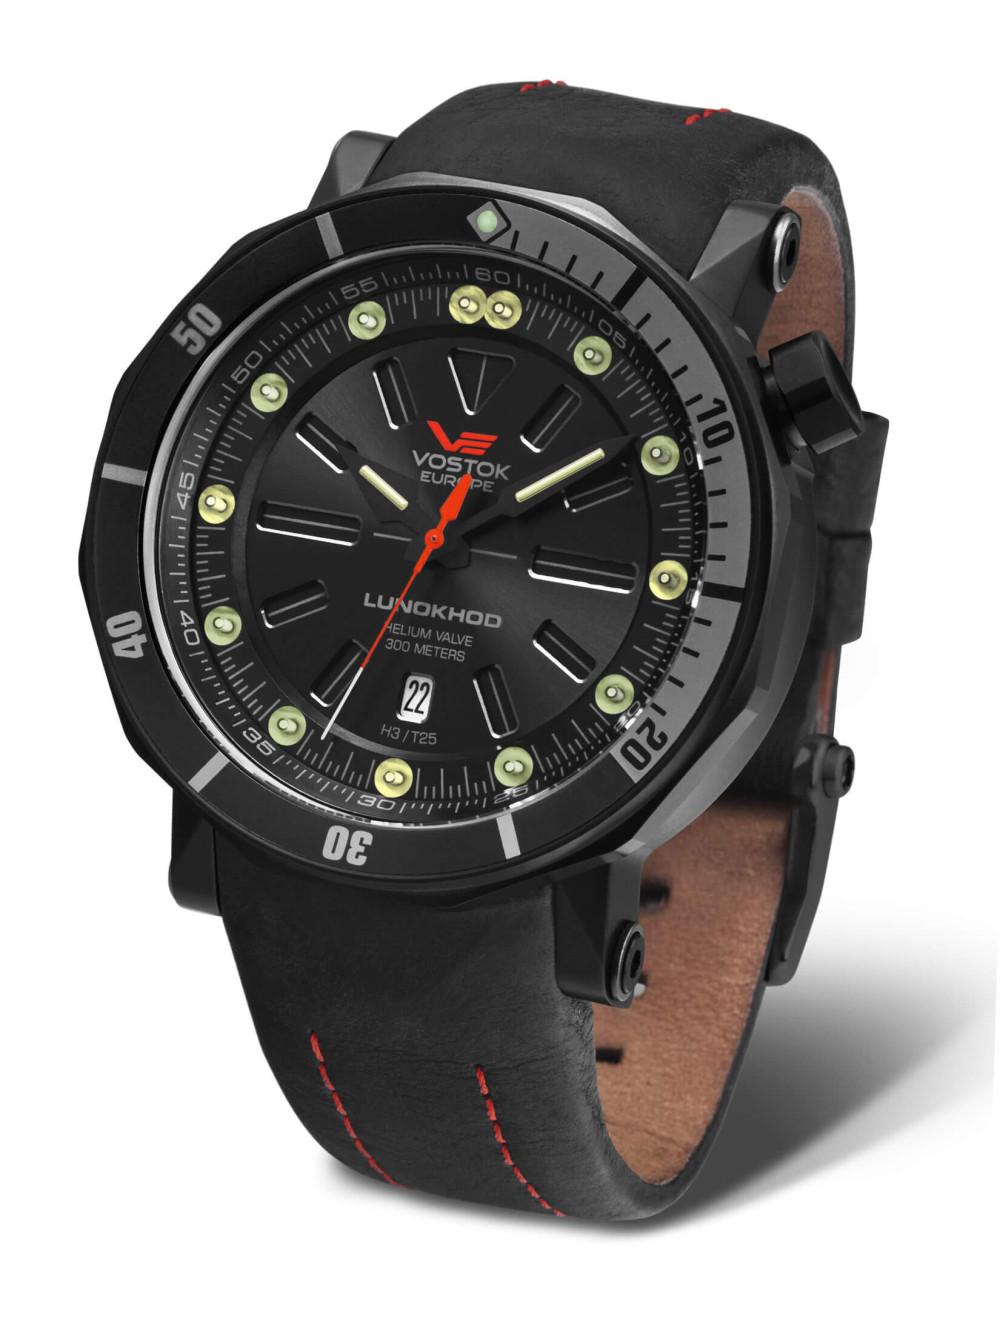 Купить часы луноход 2 купить часы amst подарок